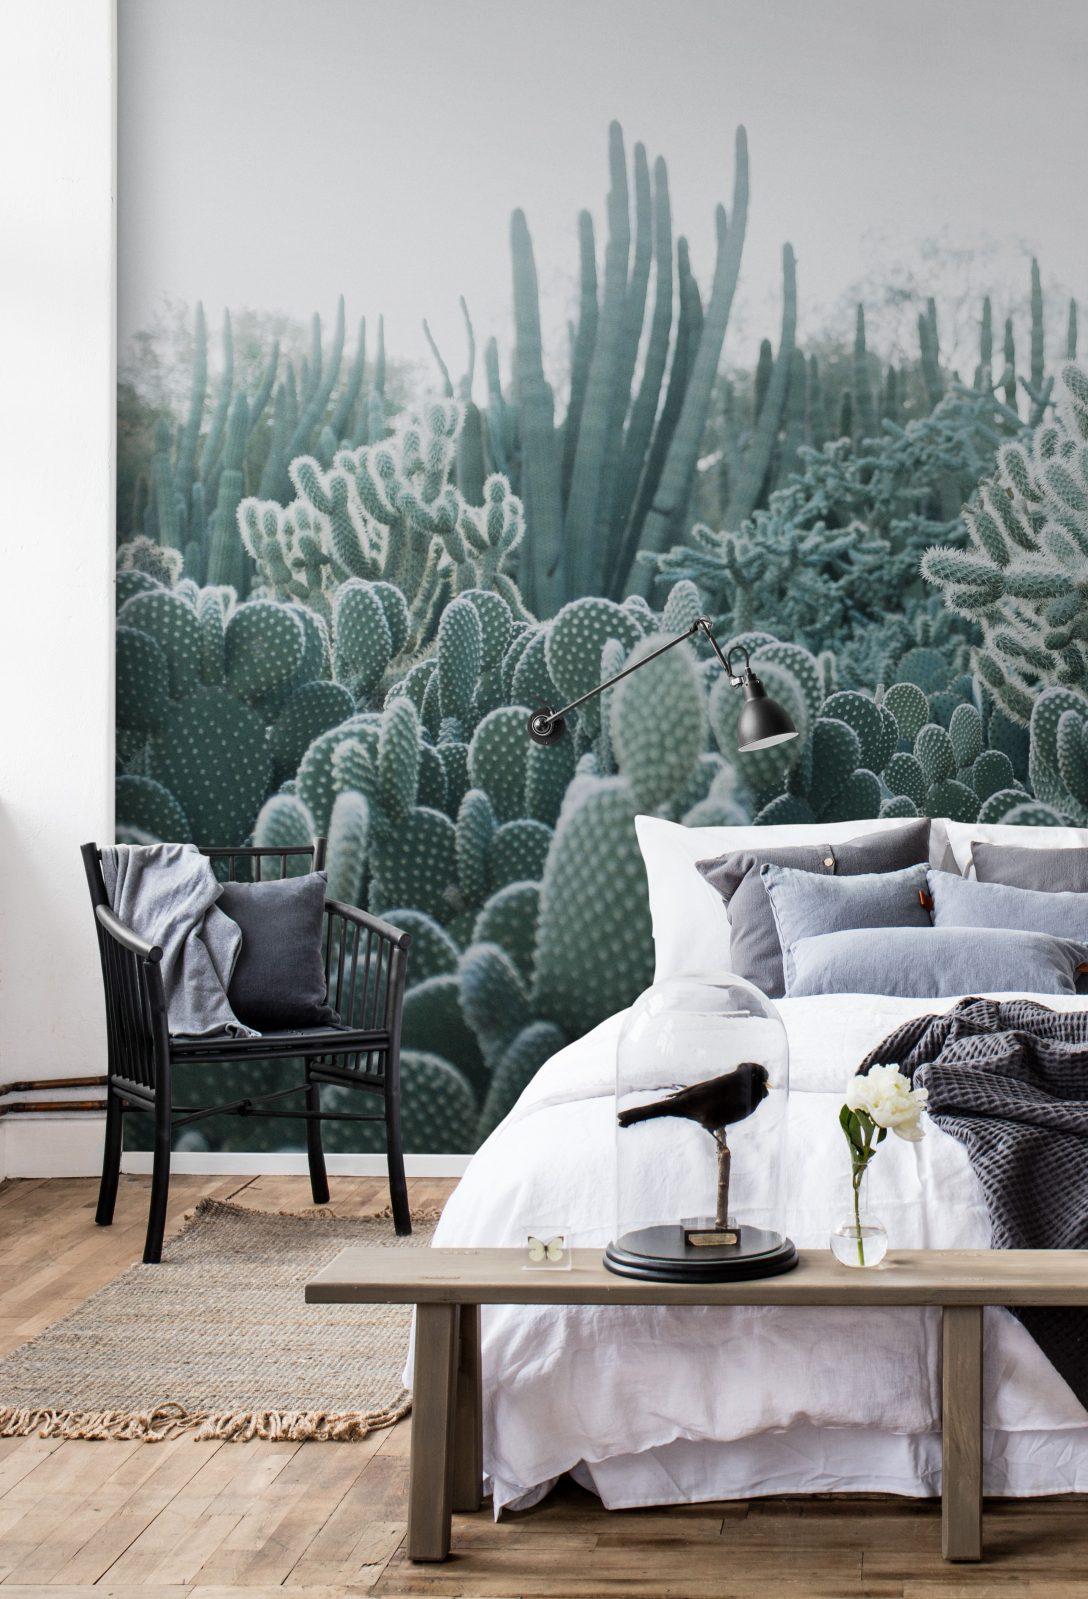 Full Size of Schlafzimmer Tapeten 2020 Cacti In Tapete Led Deckenleuchte Schrnke Deckenleuchten Landhausstil Weiß Vorhänge Komplett Guenstig Romantische Wandtattoo Wohnzimmer Schlafzimmer Tapeten 2020